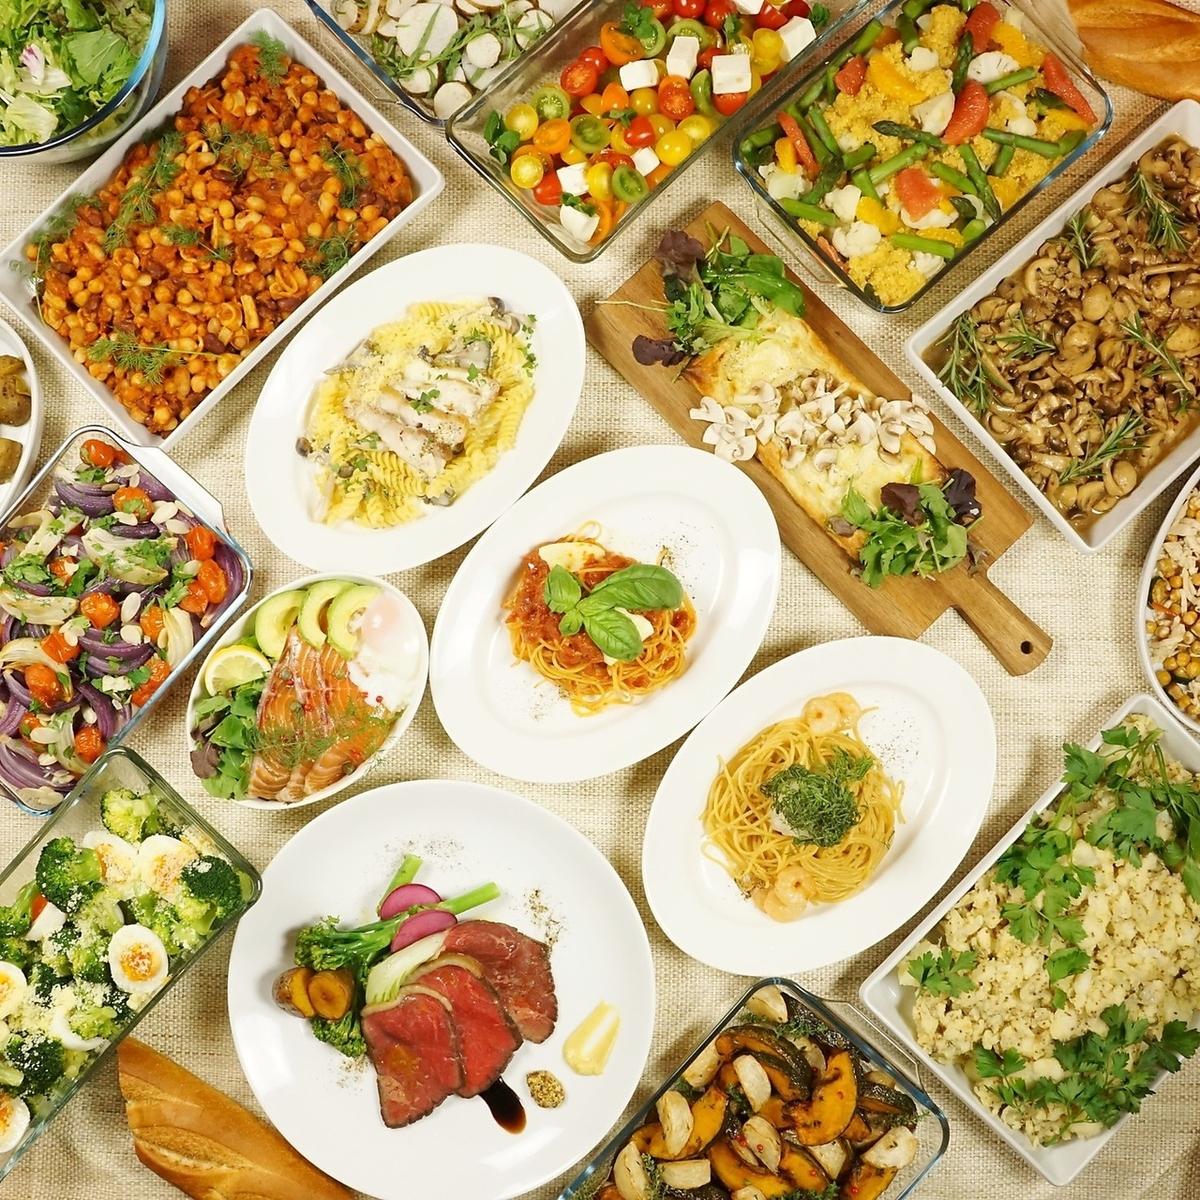 【午餐派对计划】沙拉吧·自助餐·120分钟即可享用!享用特色面食和主菜